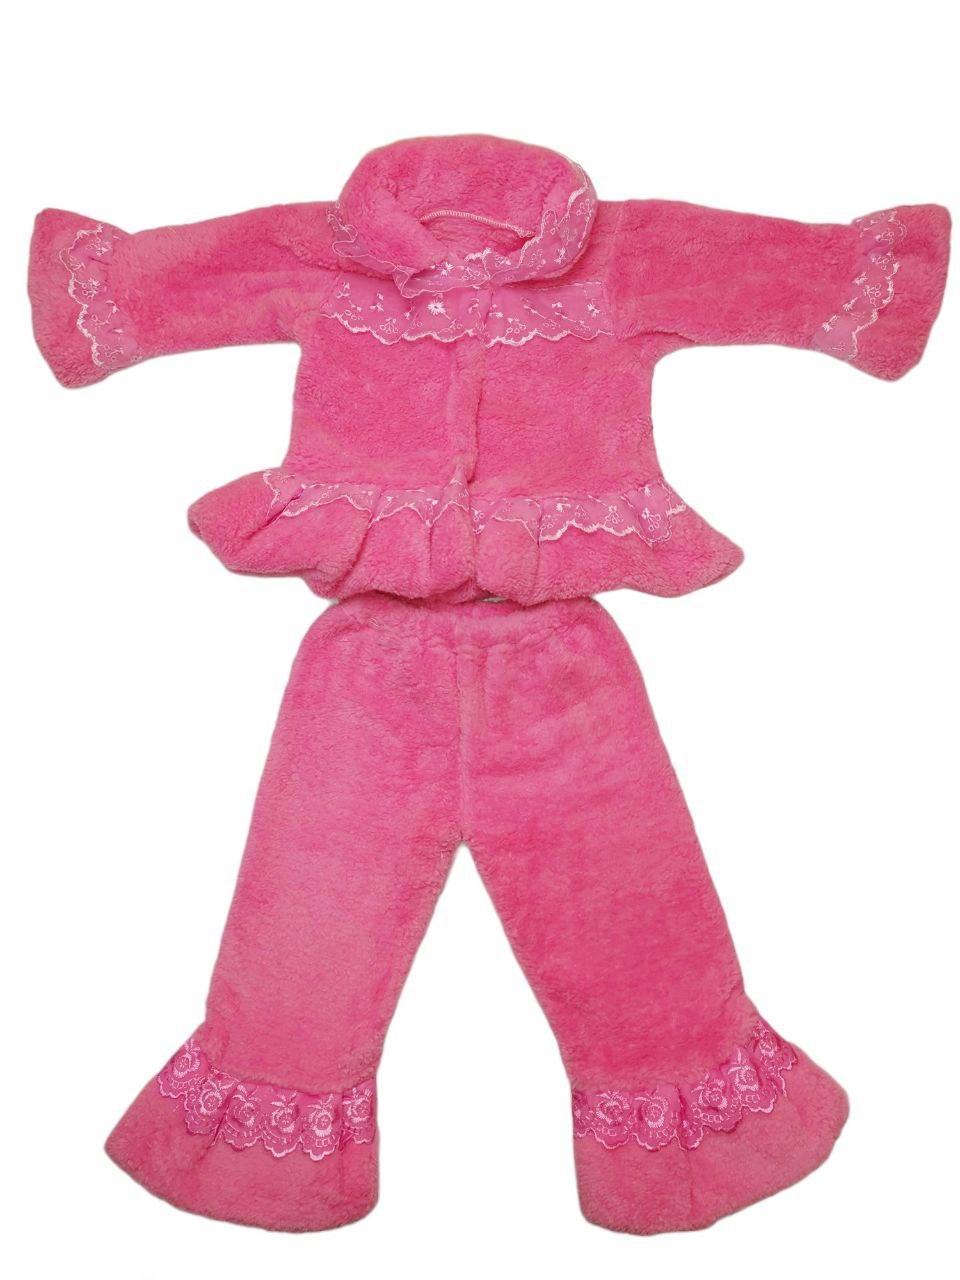 Дитячий теплий костюм дівчинки з мереживом велсофт